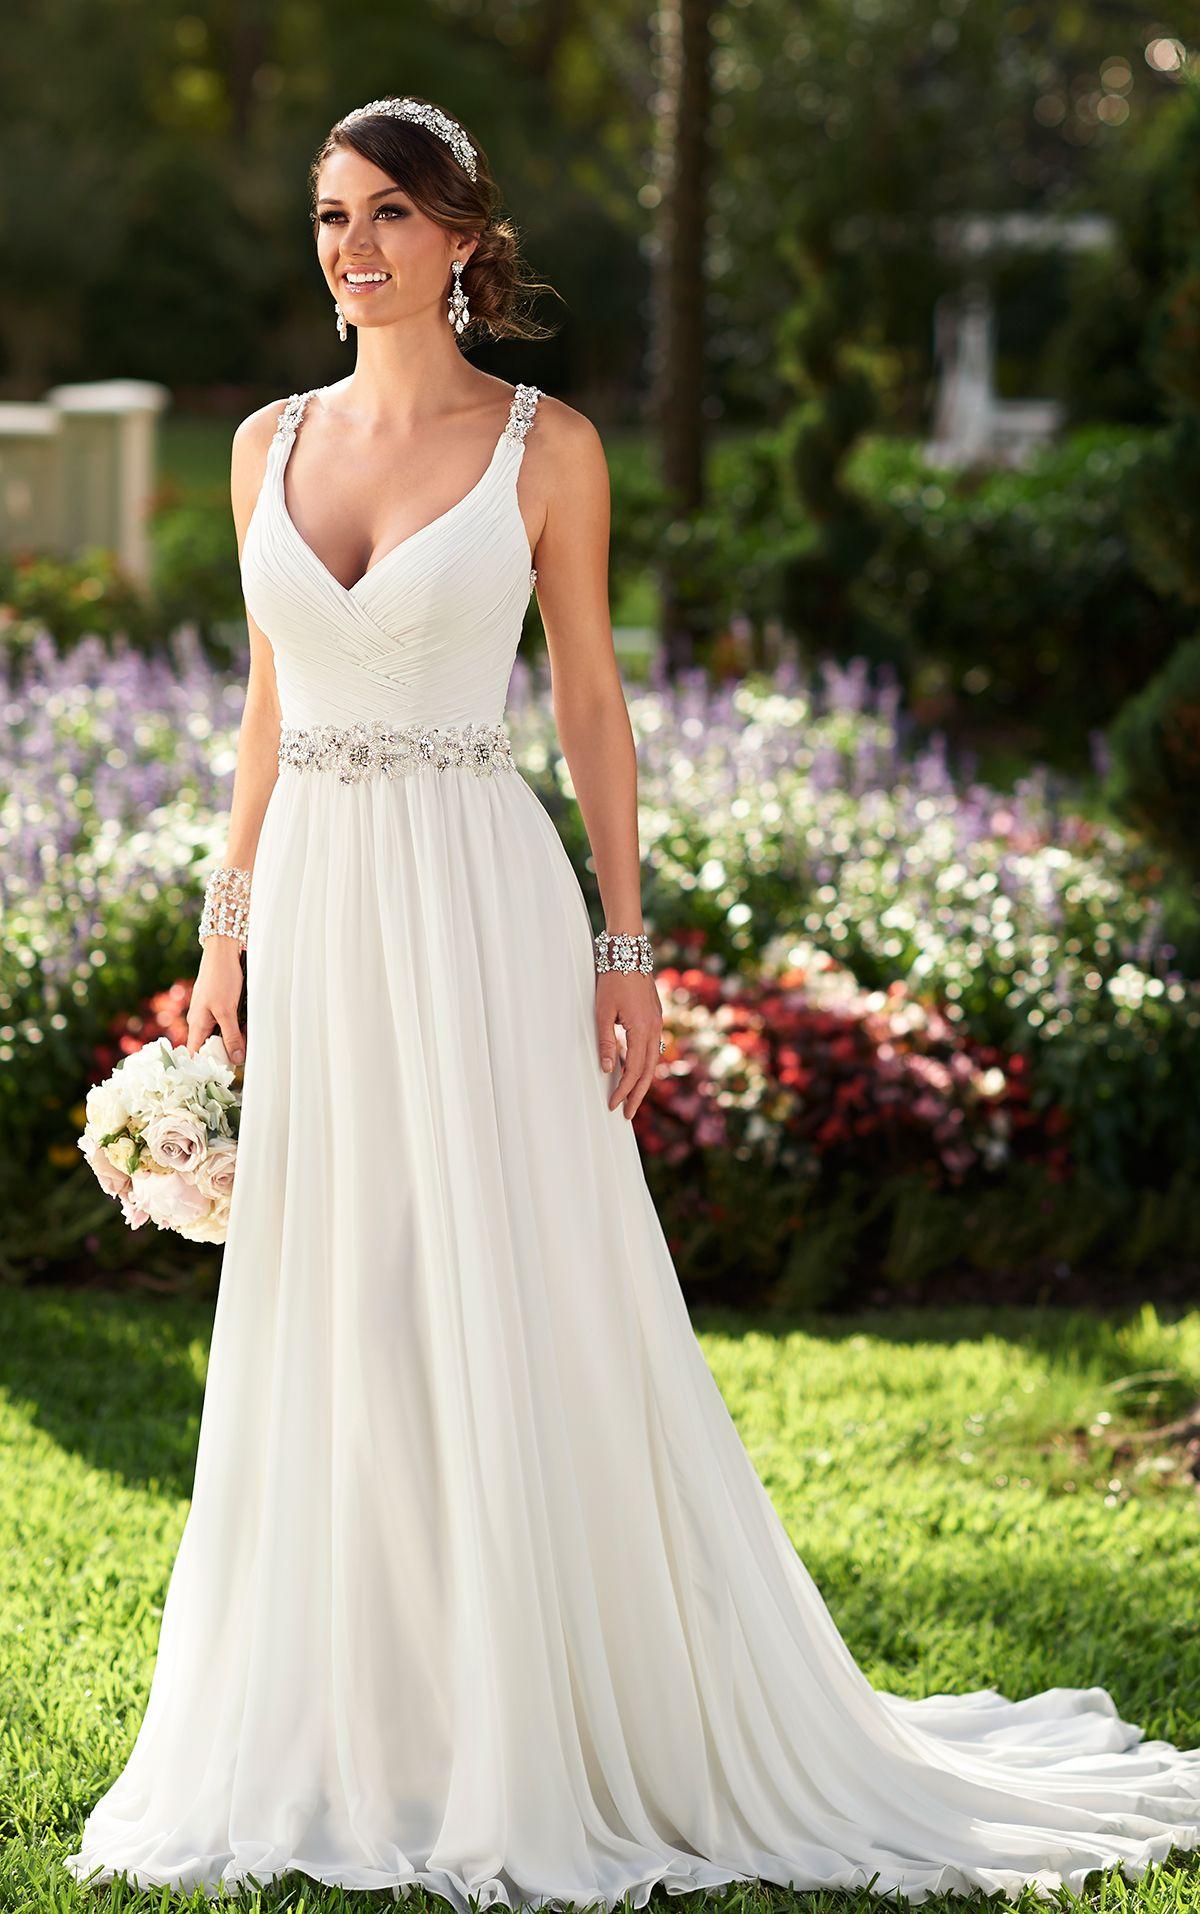 Flowy Grecian Bridal Gown with Sparkly Belt | Hochzeitskleider ...